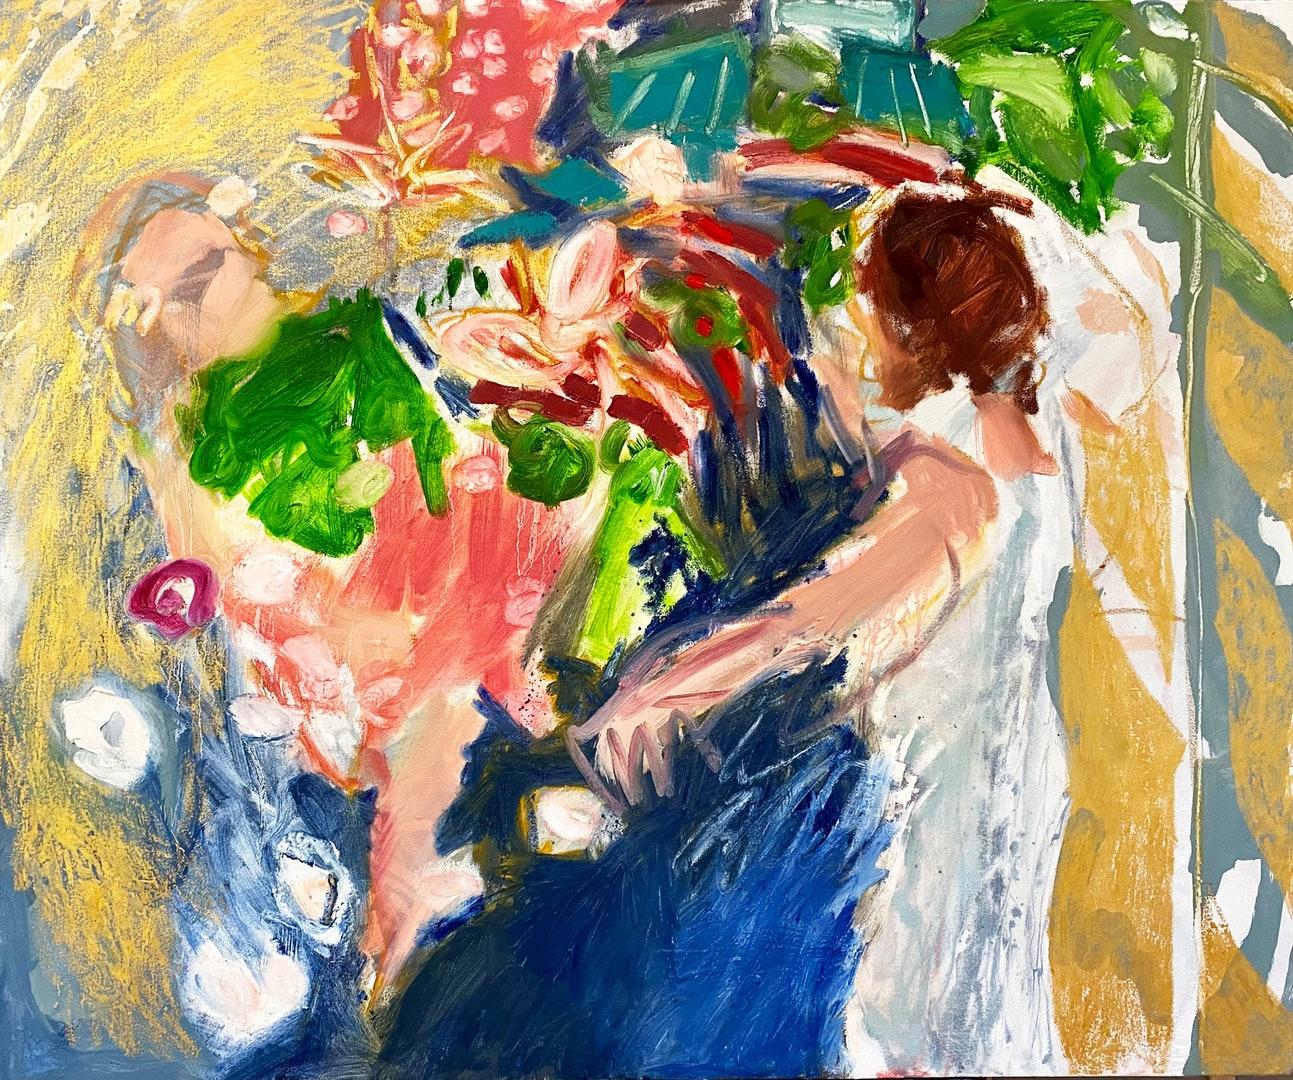 'Presence', Amy Robson, Oil and oil bar on canvas, 100 x 120 cm